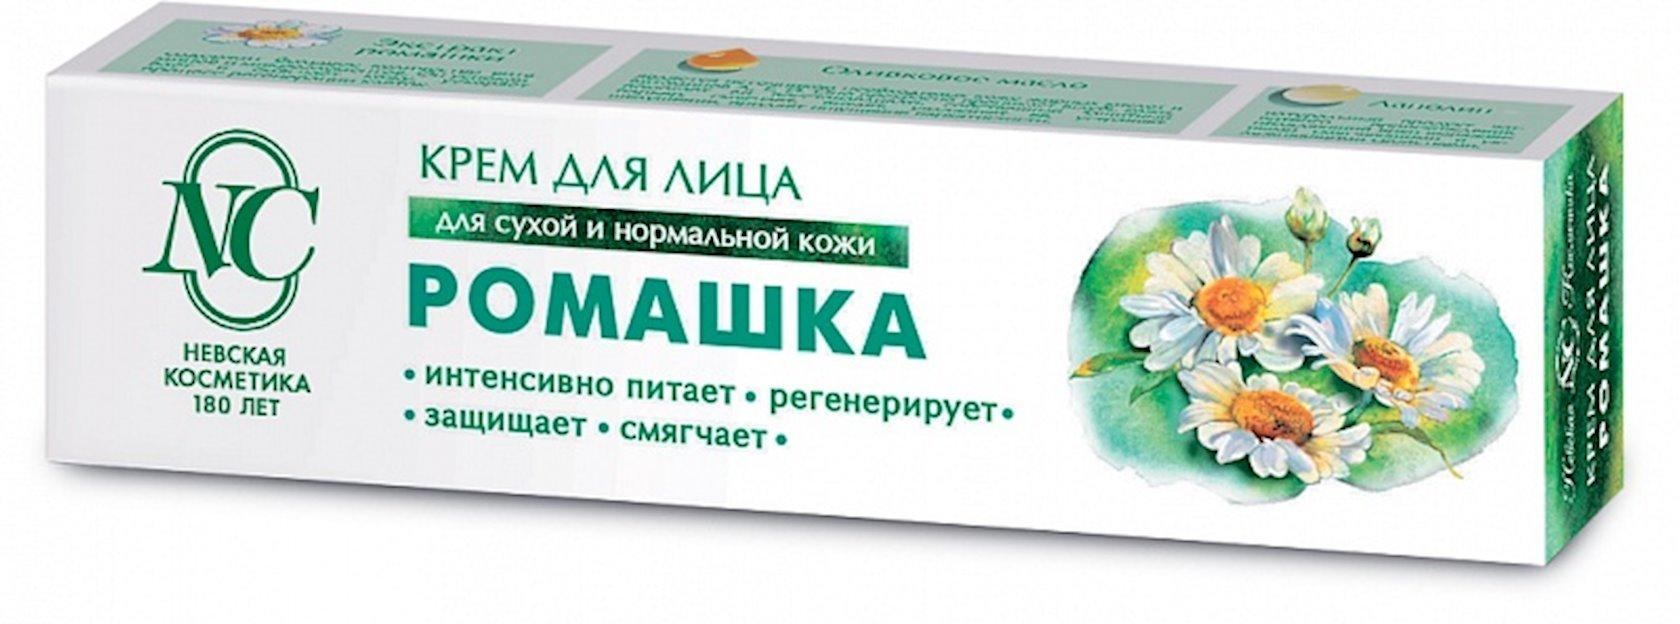 Üz kremi Невская косметика Çobanyastığı 40 ml